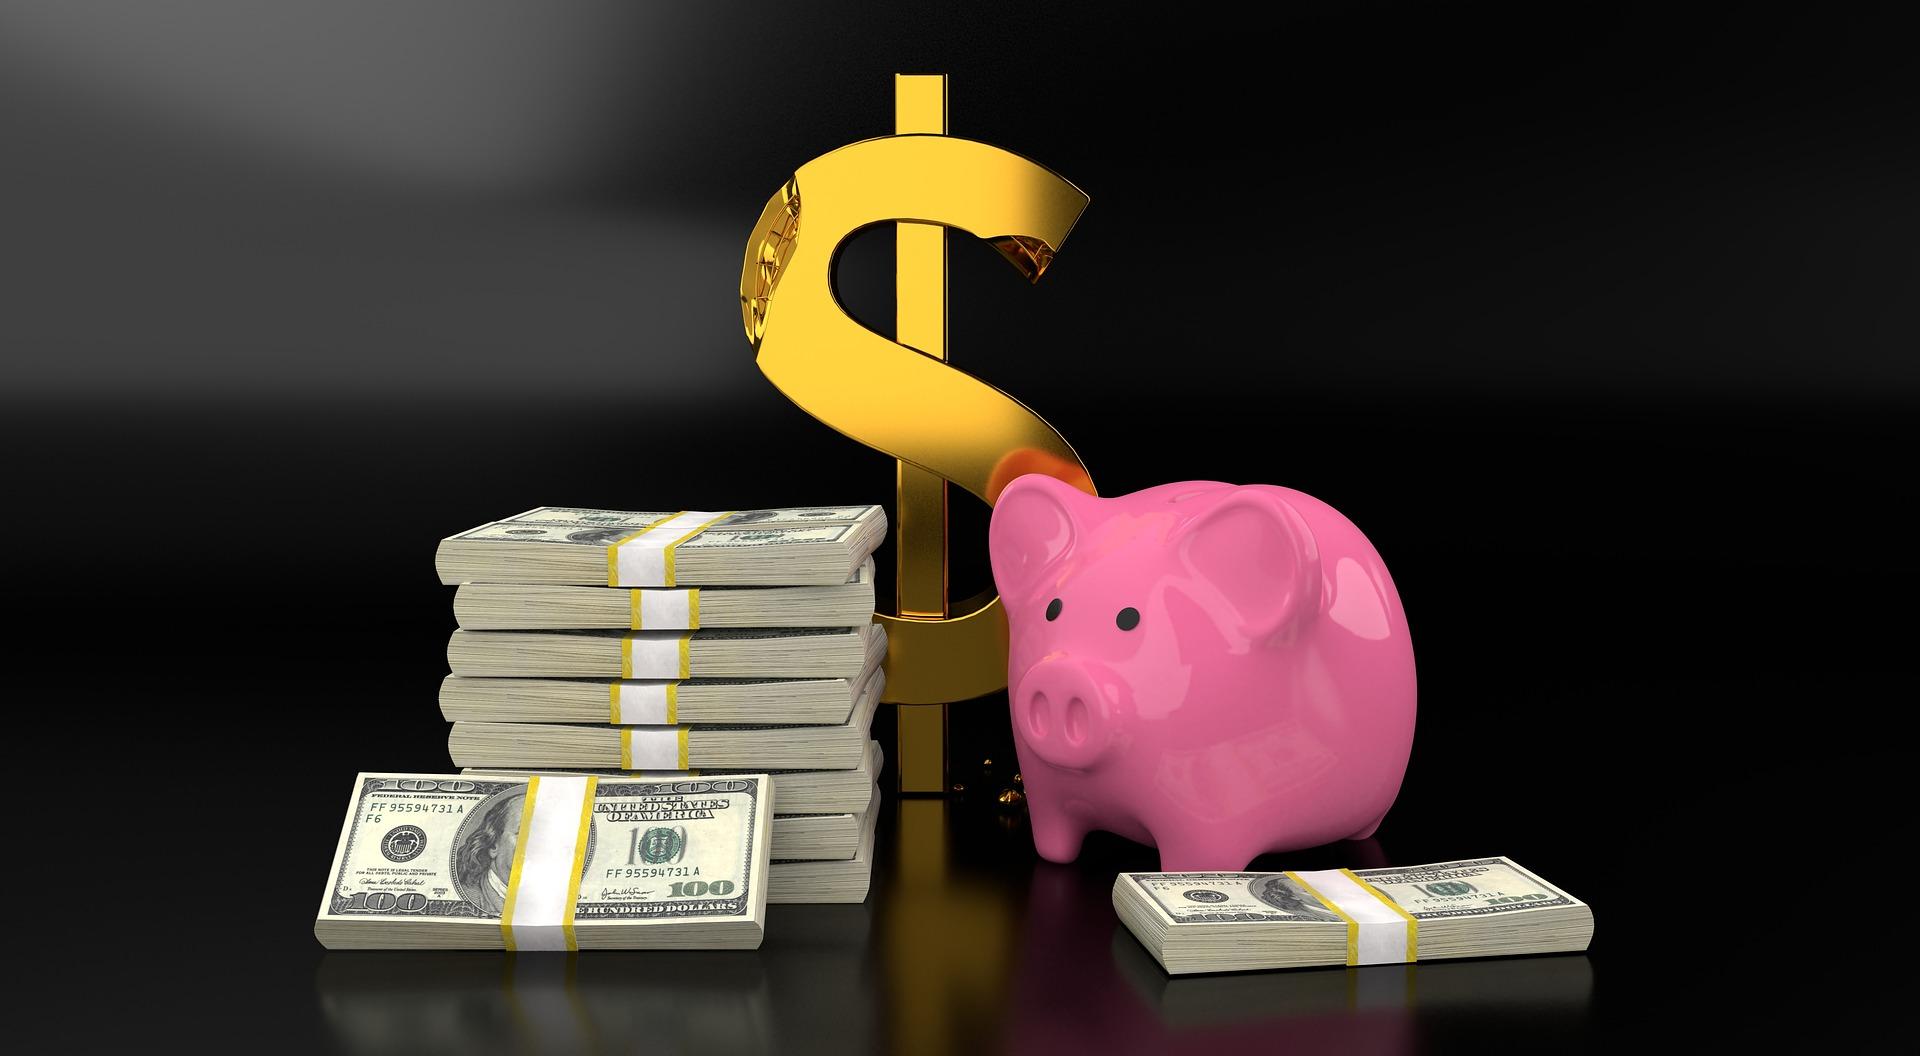 Maksymalny okres pożyczki pozabankowej – od czego zależy i gdzie jest najdłuższy?